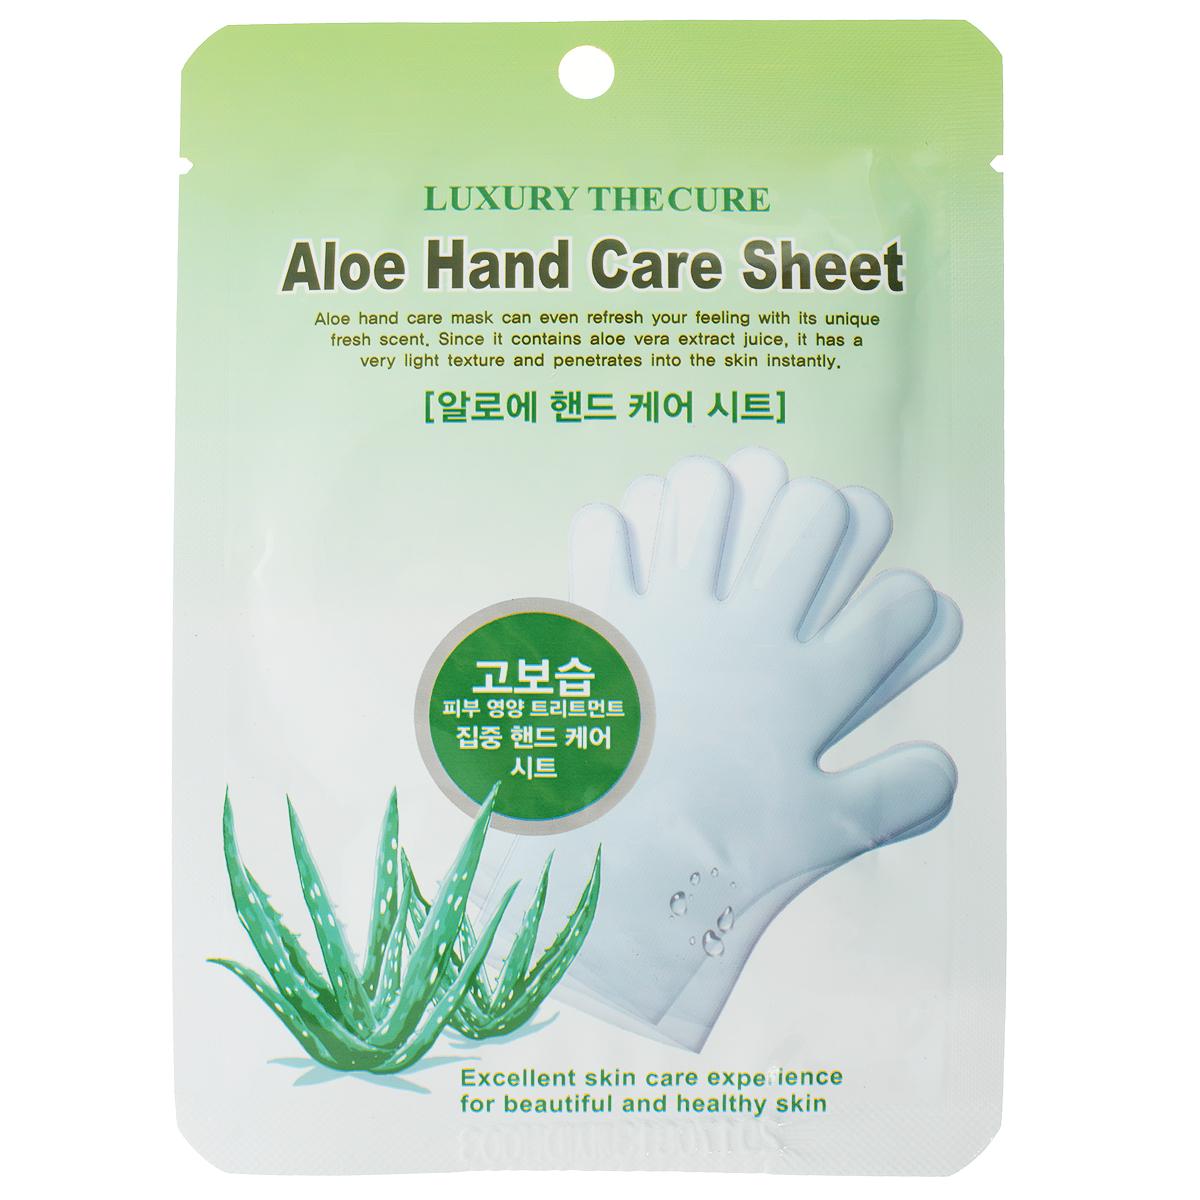 LS Cosmetic Маска-перчатки для рук с Алоэ, 8г х 2 шт19036Высококонцентрированная маска-перчатка для рук с Алоэ глубоко увлажняет и питает кожу рук, обладает выраженным лечебным эффектом благодаря активности геля Алоэ, мяты перечной и лаванды, которые интенсивно ухаживают за руками, освежают и придают приятный аромат. Витамин В3 (ниацинамид), который обладает несколькими мощными эффектами - увеличение церамидов и свободных жирных кислот в коже – то есть восстанавливается нарушенная барьерная функция кожи и уменьшается потеря влаги. Таким образом ниацинамид предохраняет кожу от обезвоживания и стимулирует микроциркуляцию в дерме. Гель имеет очень нежную и мягкую структуру и действует мгновенно. За короткое время мощное воздействие придаст коже рук мягкость и шелковистость, повысится эластичность до глубоких слоев, укрепиться мембрана клеток, улучшится кровоток. Кожа рук омолаживается, регенерируется. Регулярное использование убирает морщины и препятствует возникновению новых. Отлично ухаживает за ногтями.